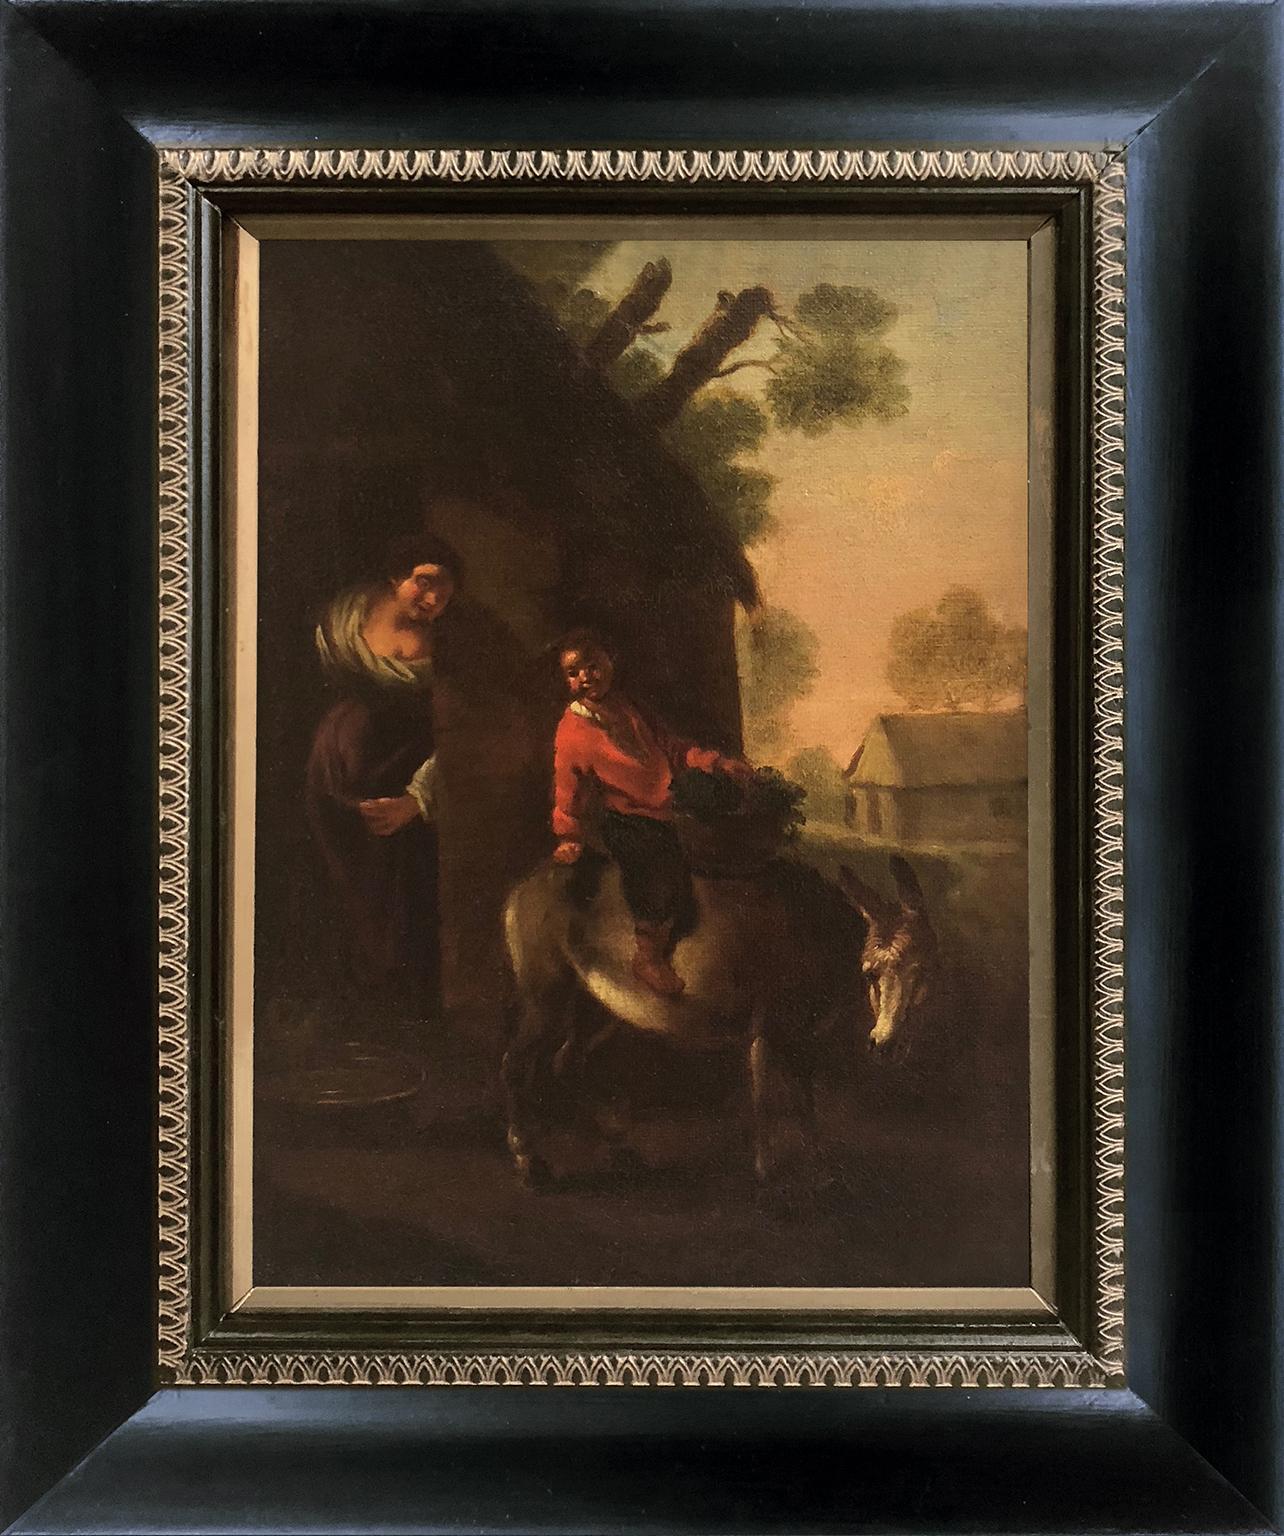 Boy on Donkey - Flemish School 17th Century